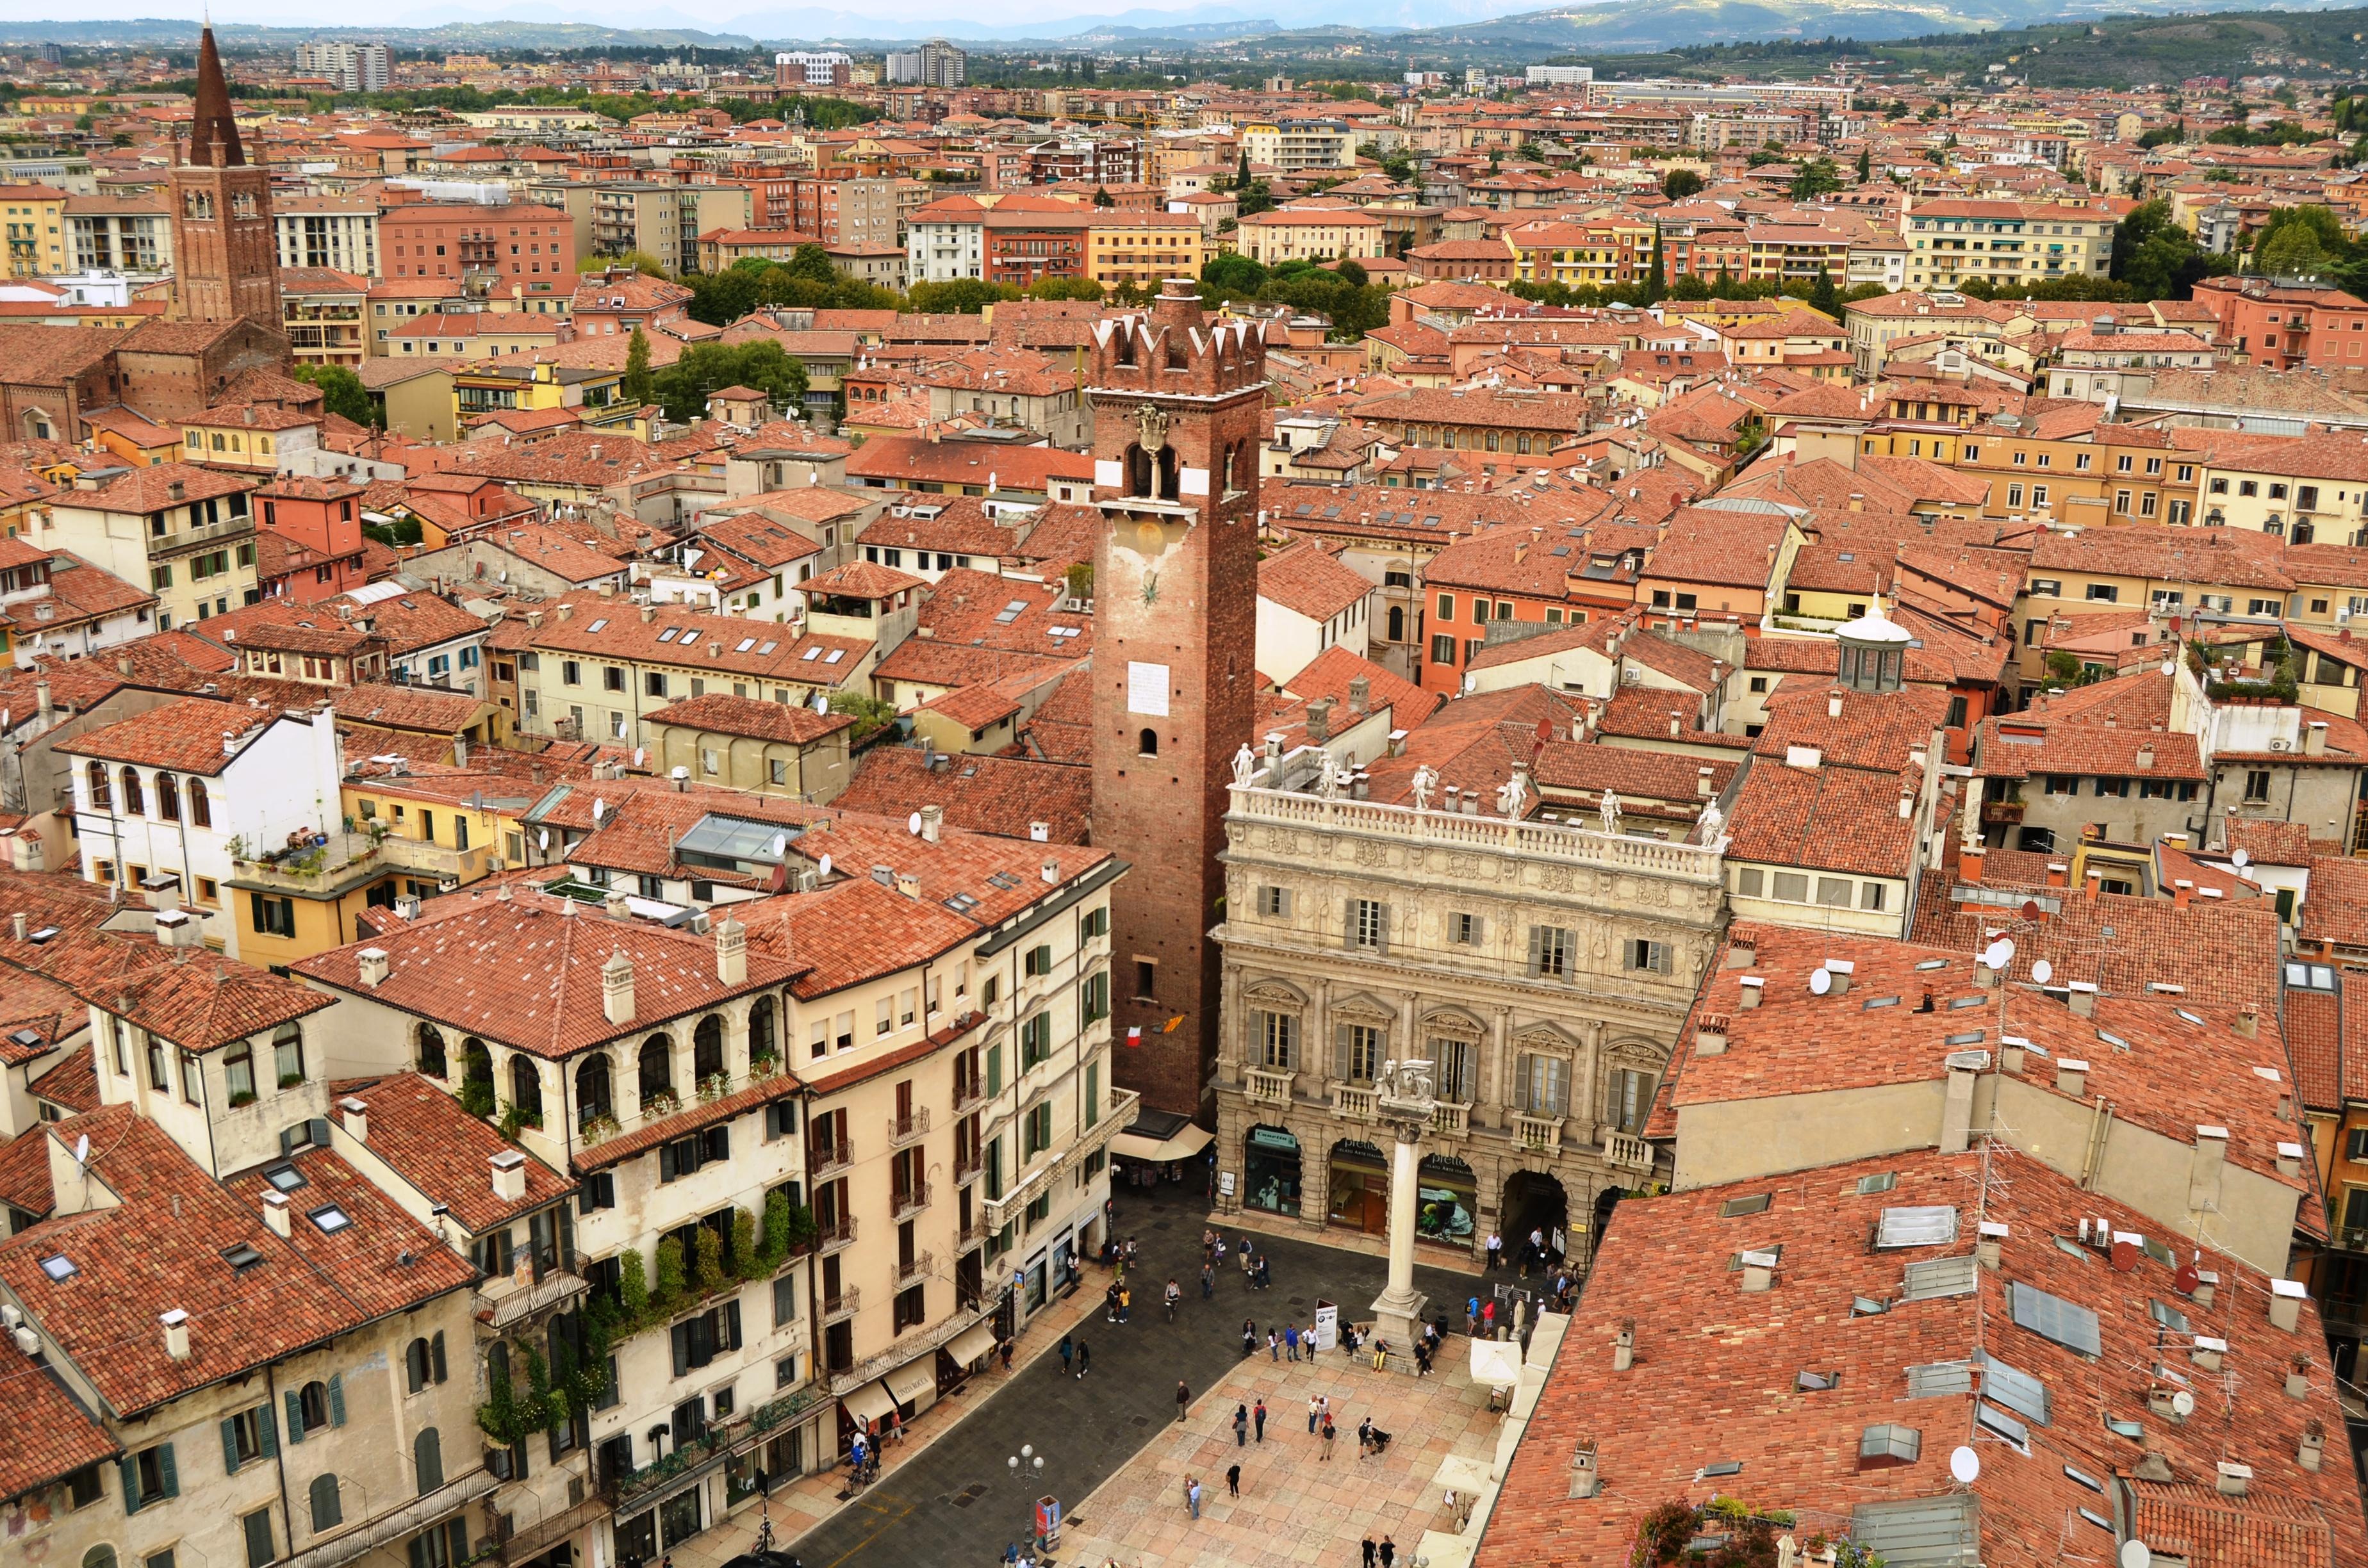 Pažintinė kelionė į Italiją. Šiaurės Italija su Gardaland pramogų parku 3